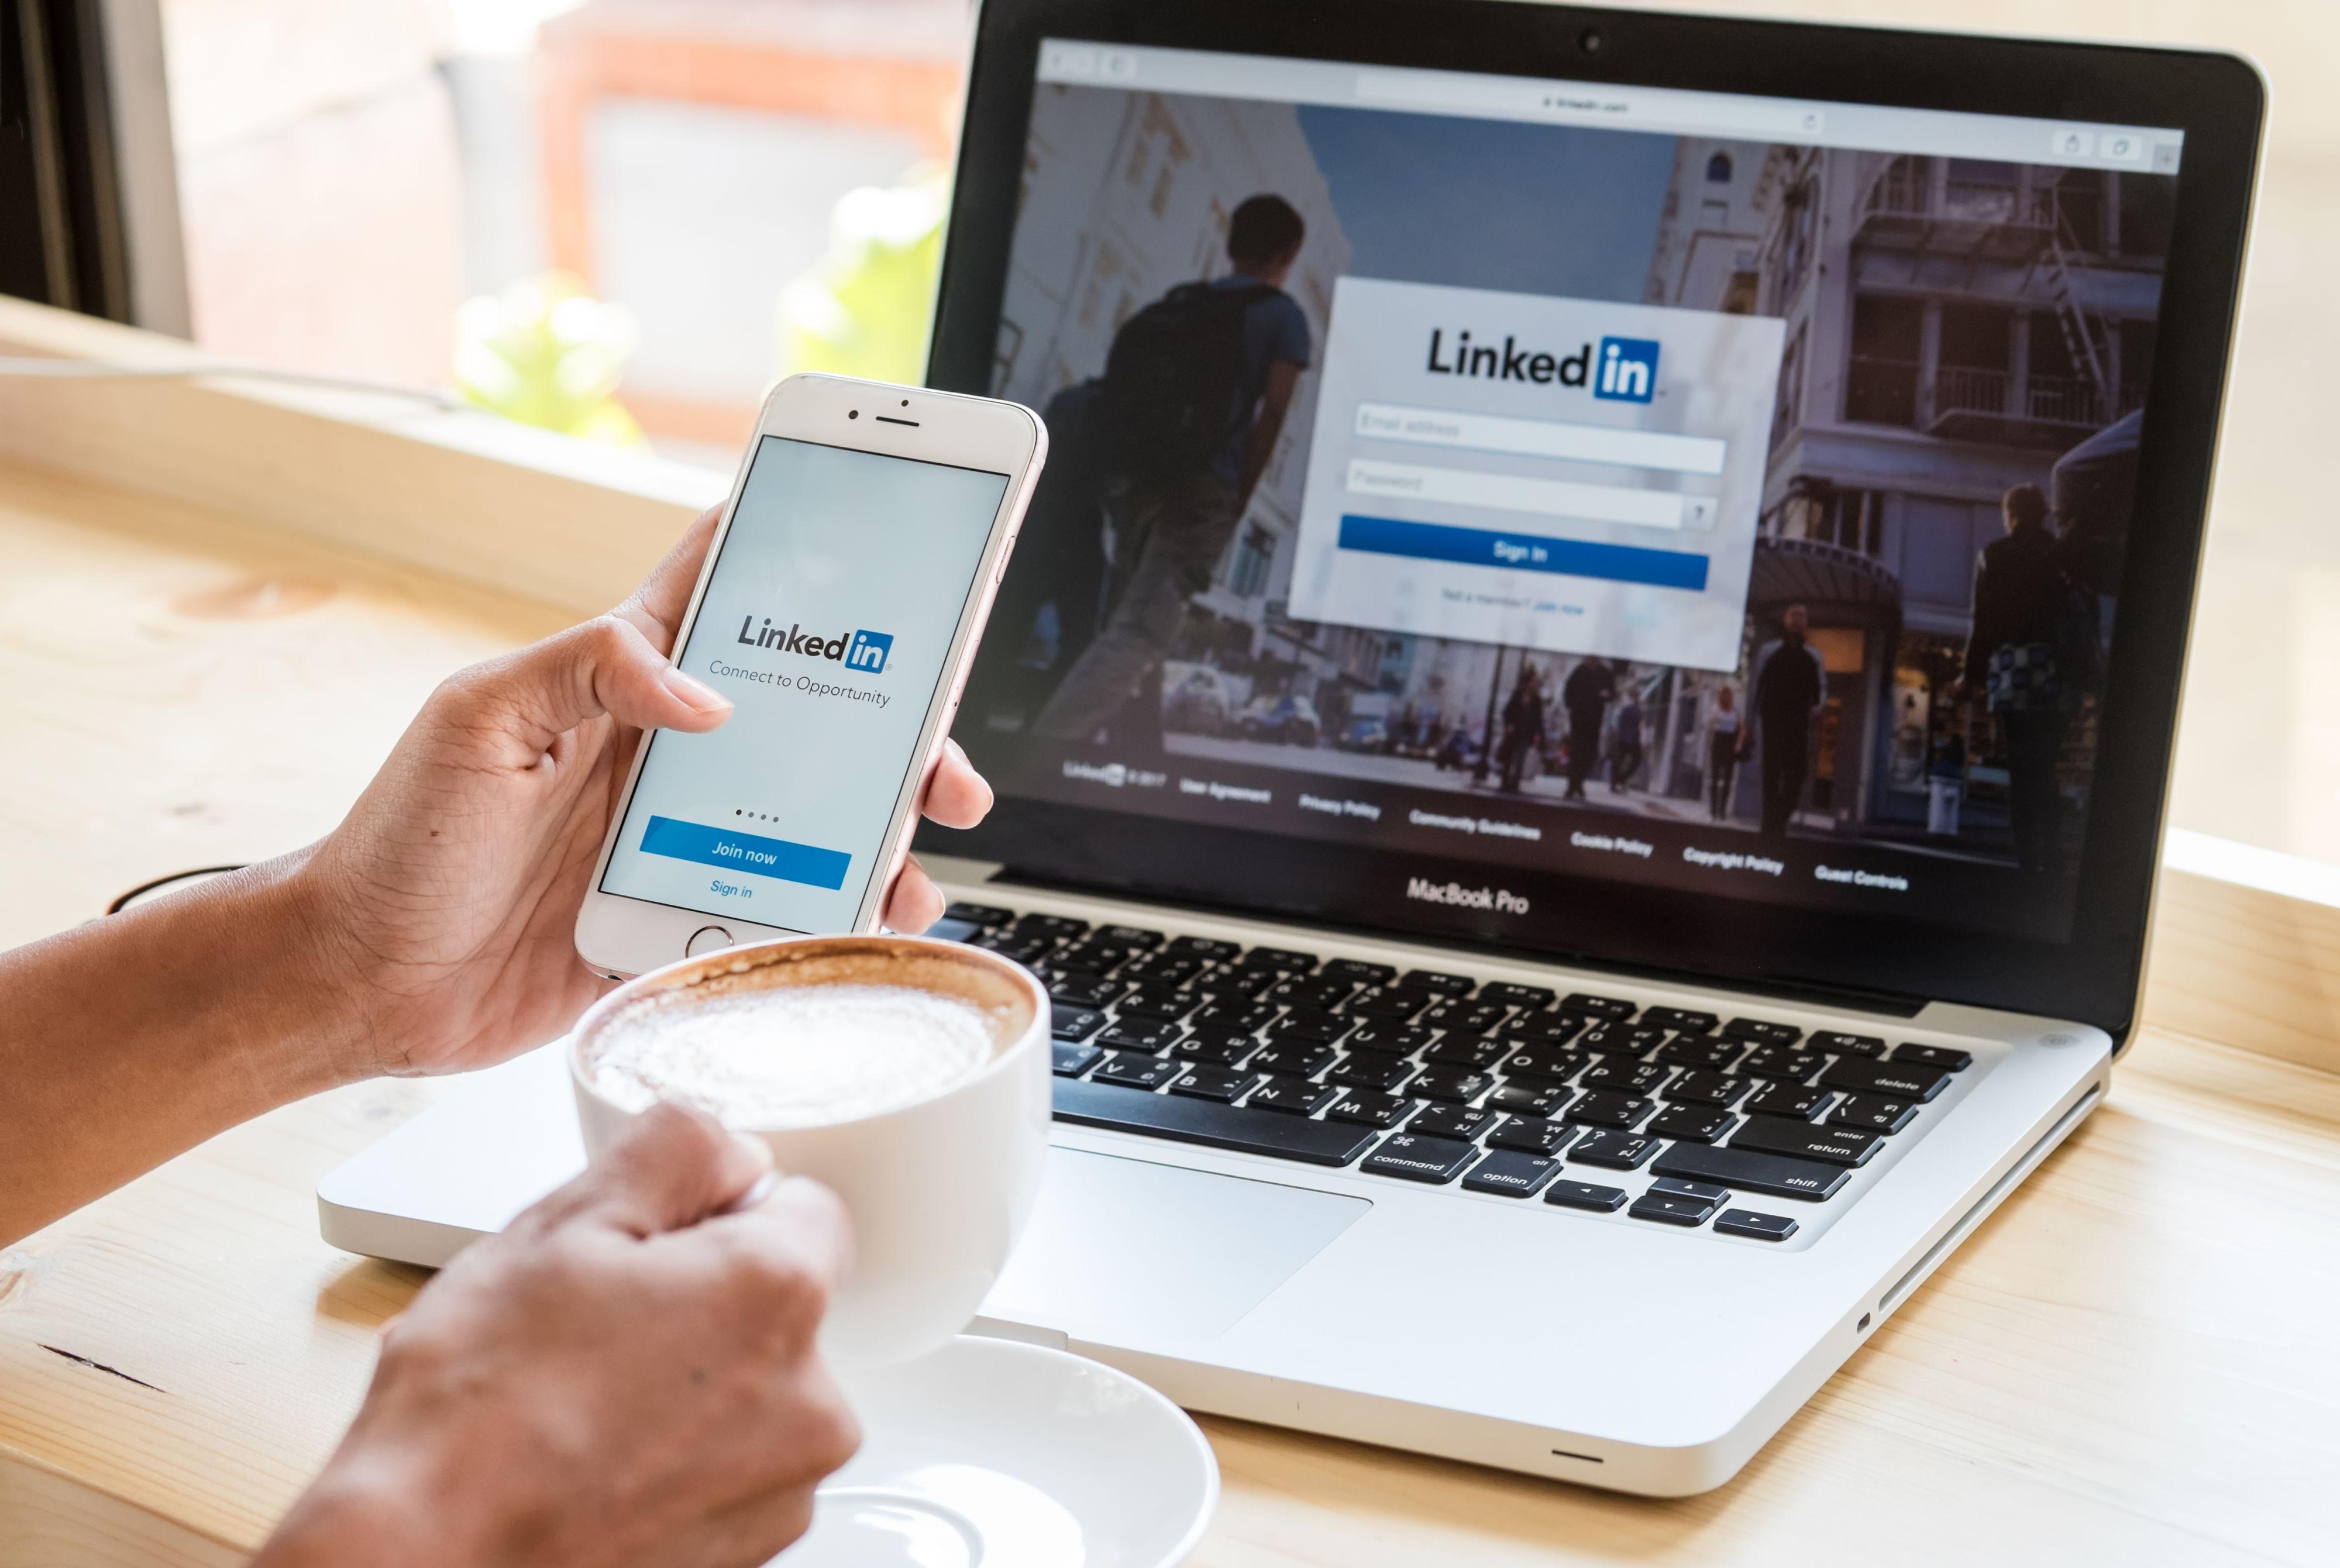 LinkedIn to nie tylko profile firmowe - aktualnie portal ten lepiej promuje osobiste konta, dlatego tak ważne jest wdrożenie personal brandingu oraz aktywnego poszukiwania kandydatów poprzez ten kanał (Fot. Shutterstock)